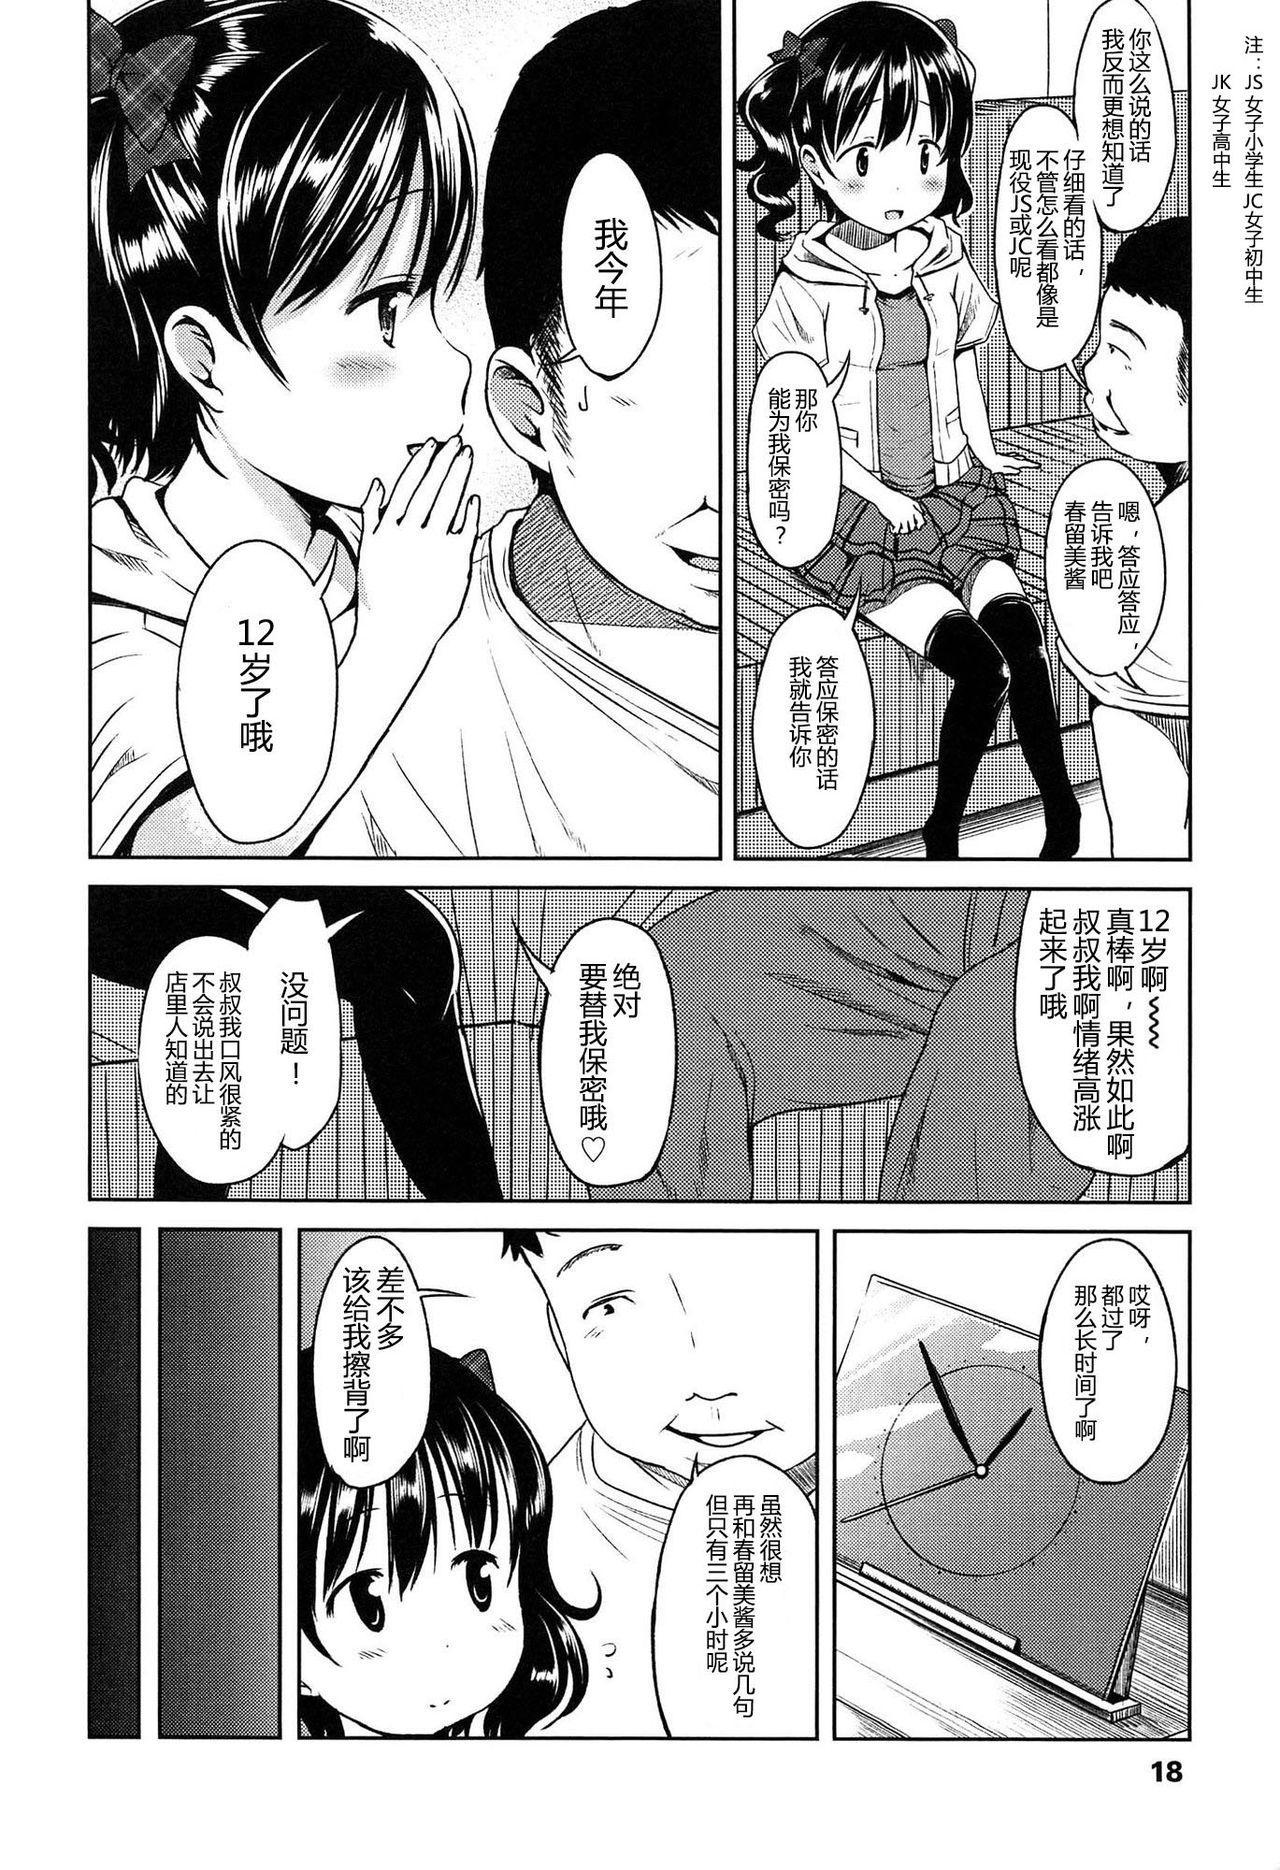 Hajimete Janai yo? | 不是第一次哦? 17